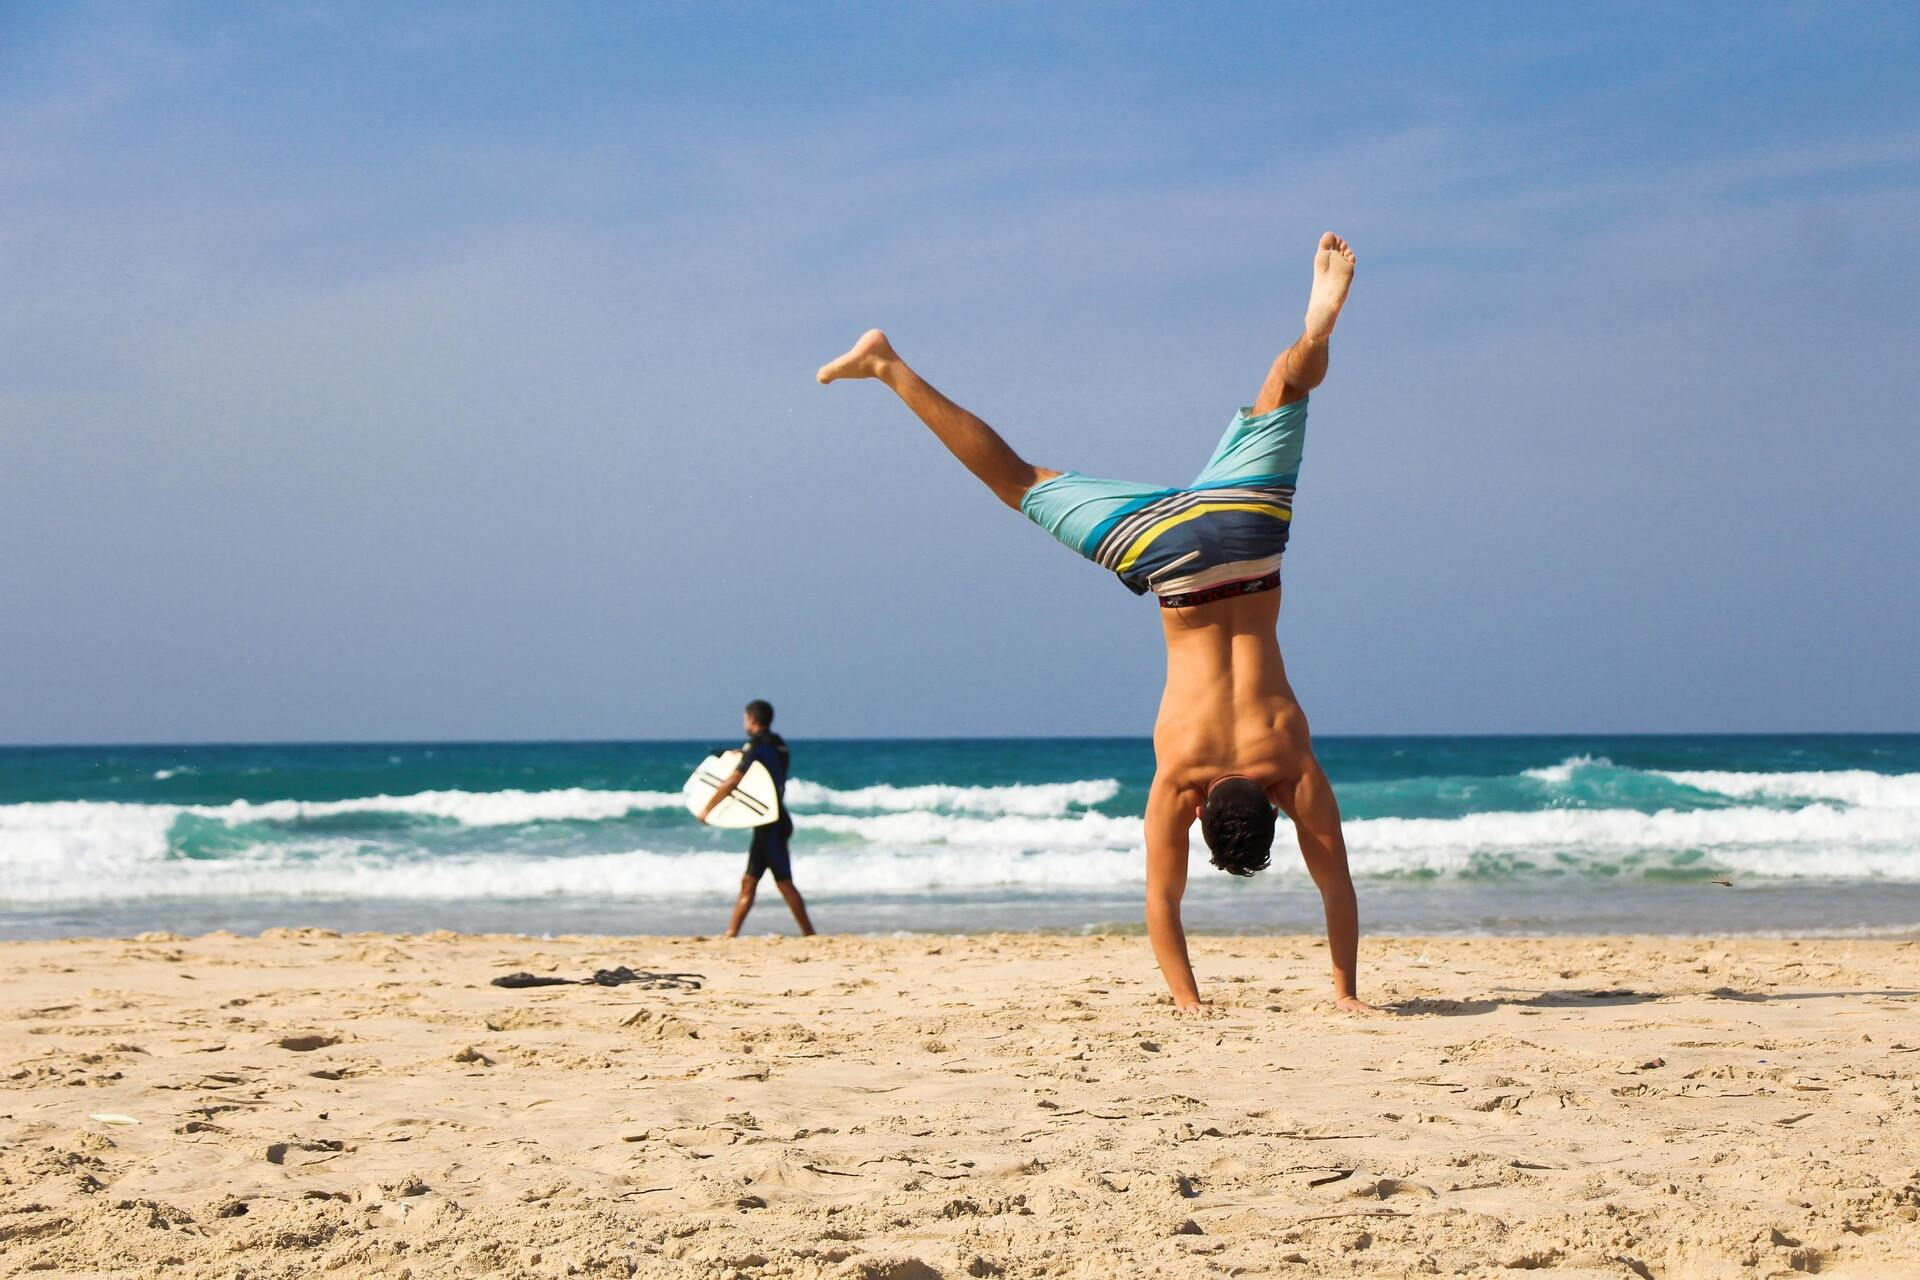 jovem dando estrelas na areia da praia